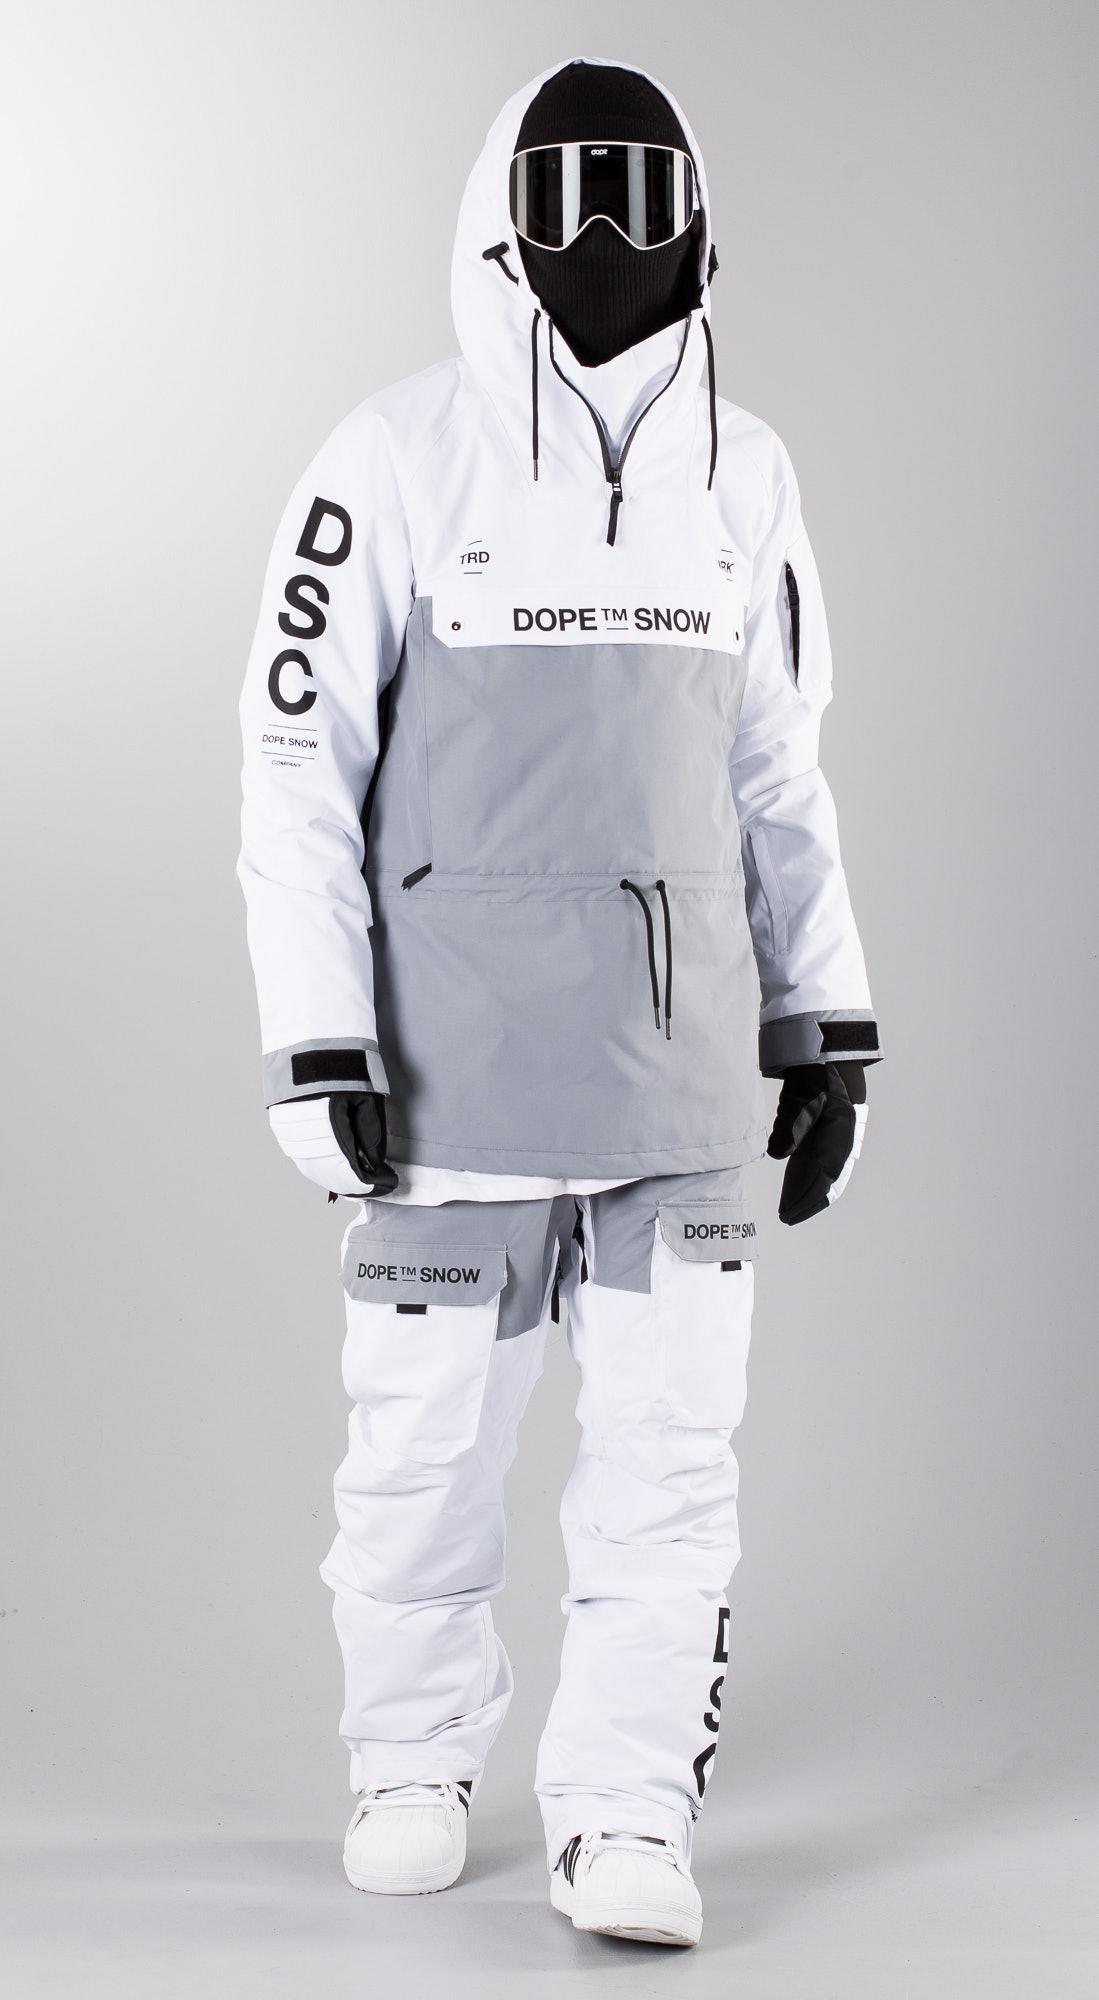 661868984a Tenue snowboard homme | Livraison Gratuite | Ridestore.com